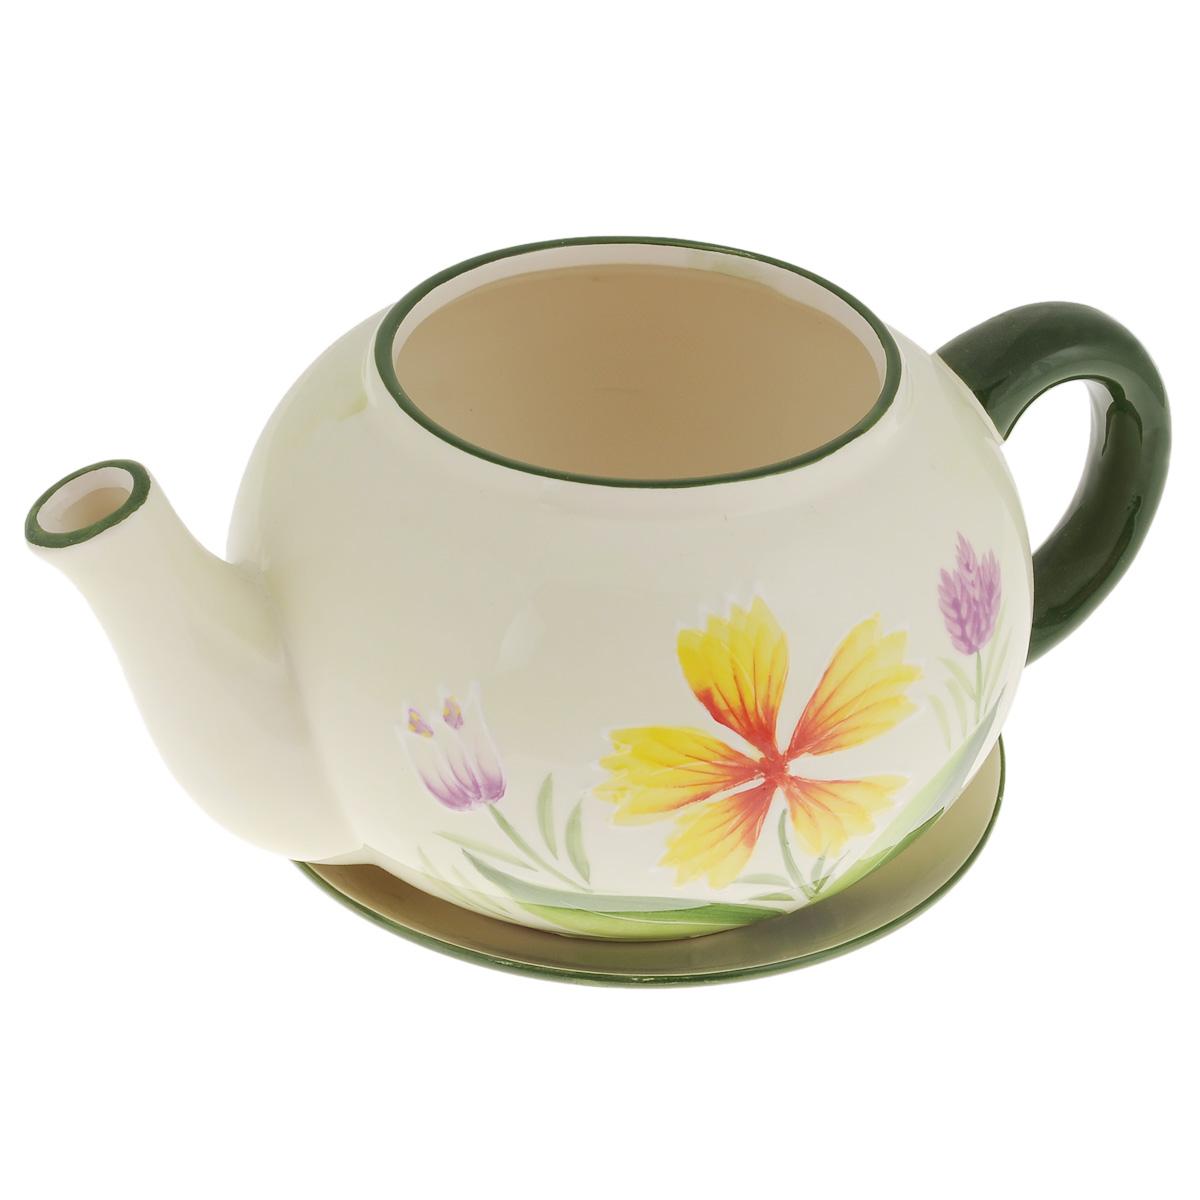 Кашпо Lillo Заварочный чайник, с поддоном. XY10S015-1BXY10S015-1BКашпо-горшок для цветов Lillo Заварочный чайник выполнен из прочной керамики и декорирован красочным рисунком. Изделие предназначено для цветов.Такие изделия часто становятся последним штрихом, который совершенно изменяет интерьер помещения или ландшафтный дизайн сада. Благодаря такому кашпо вы сможете украсить вашу комнату, офис, сад и другие места. Изделие оснащено специальным поддоном - блюдцем.Диаметр кашпо по верхнему краю: 12 см.Высота кашпо (без учета поддона): 14 см.Диаметр поддона: 20,5 см.